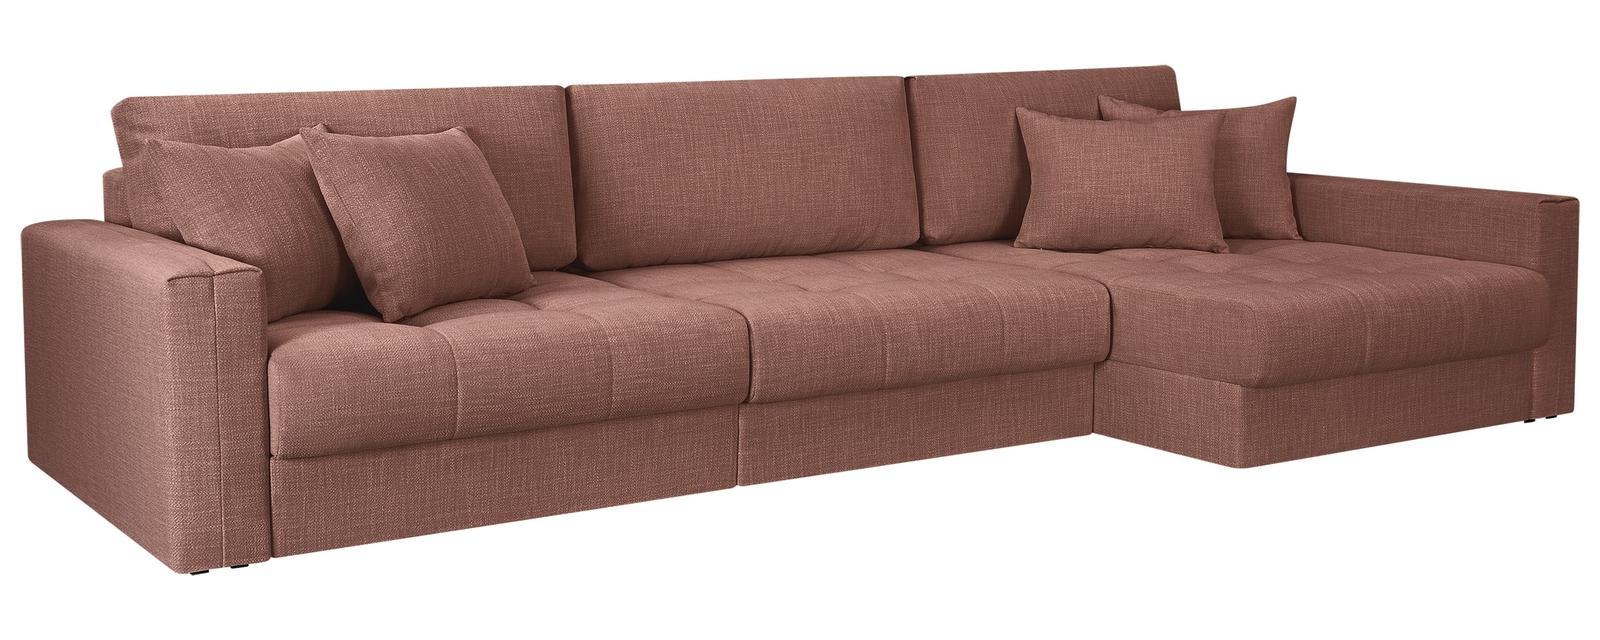 Модульный диван Брайтон вариант №3 Nobilia розовый (Рогожка) HomeMe